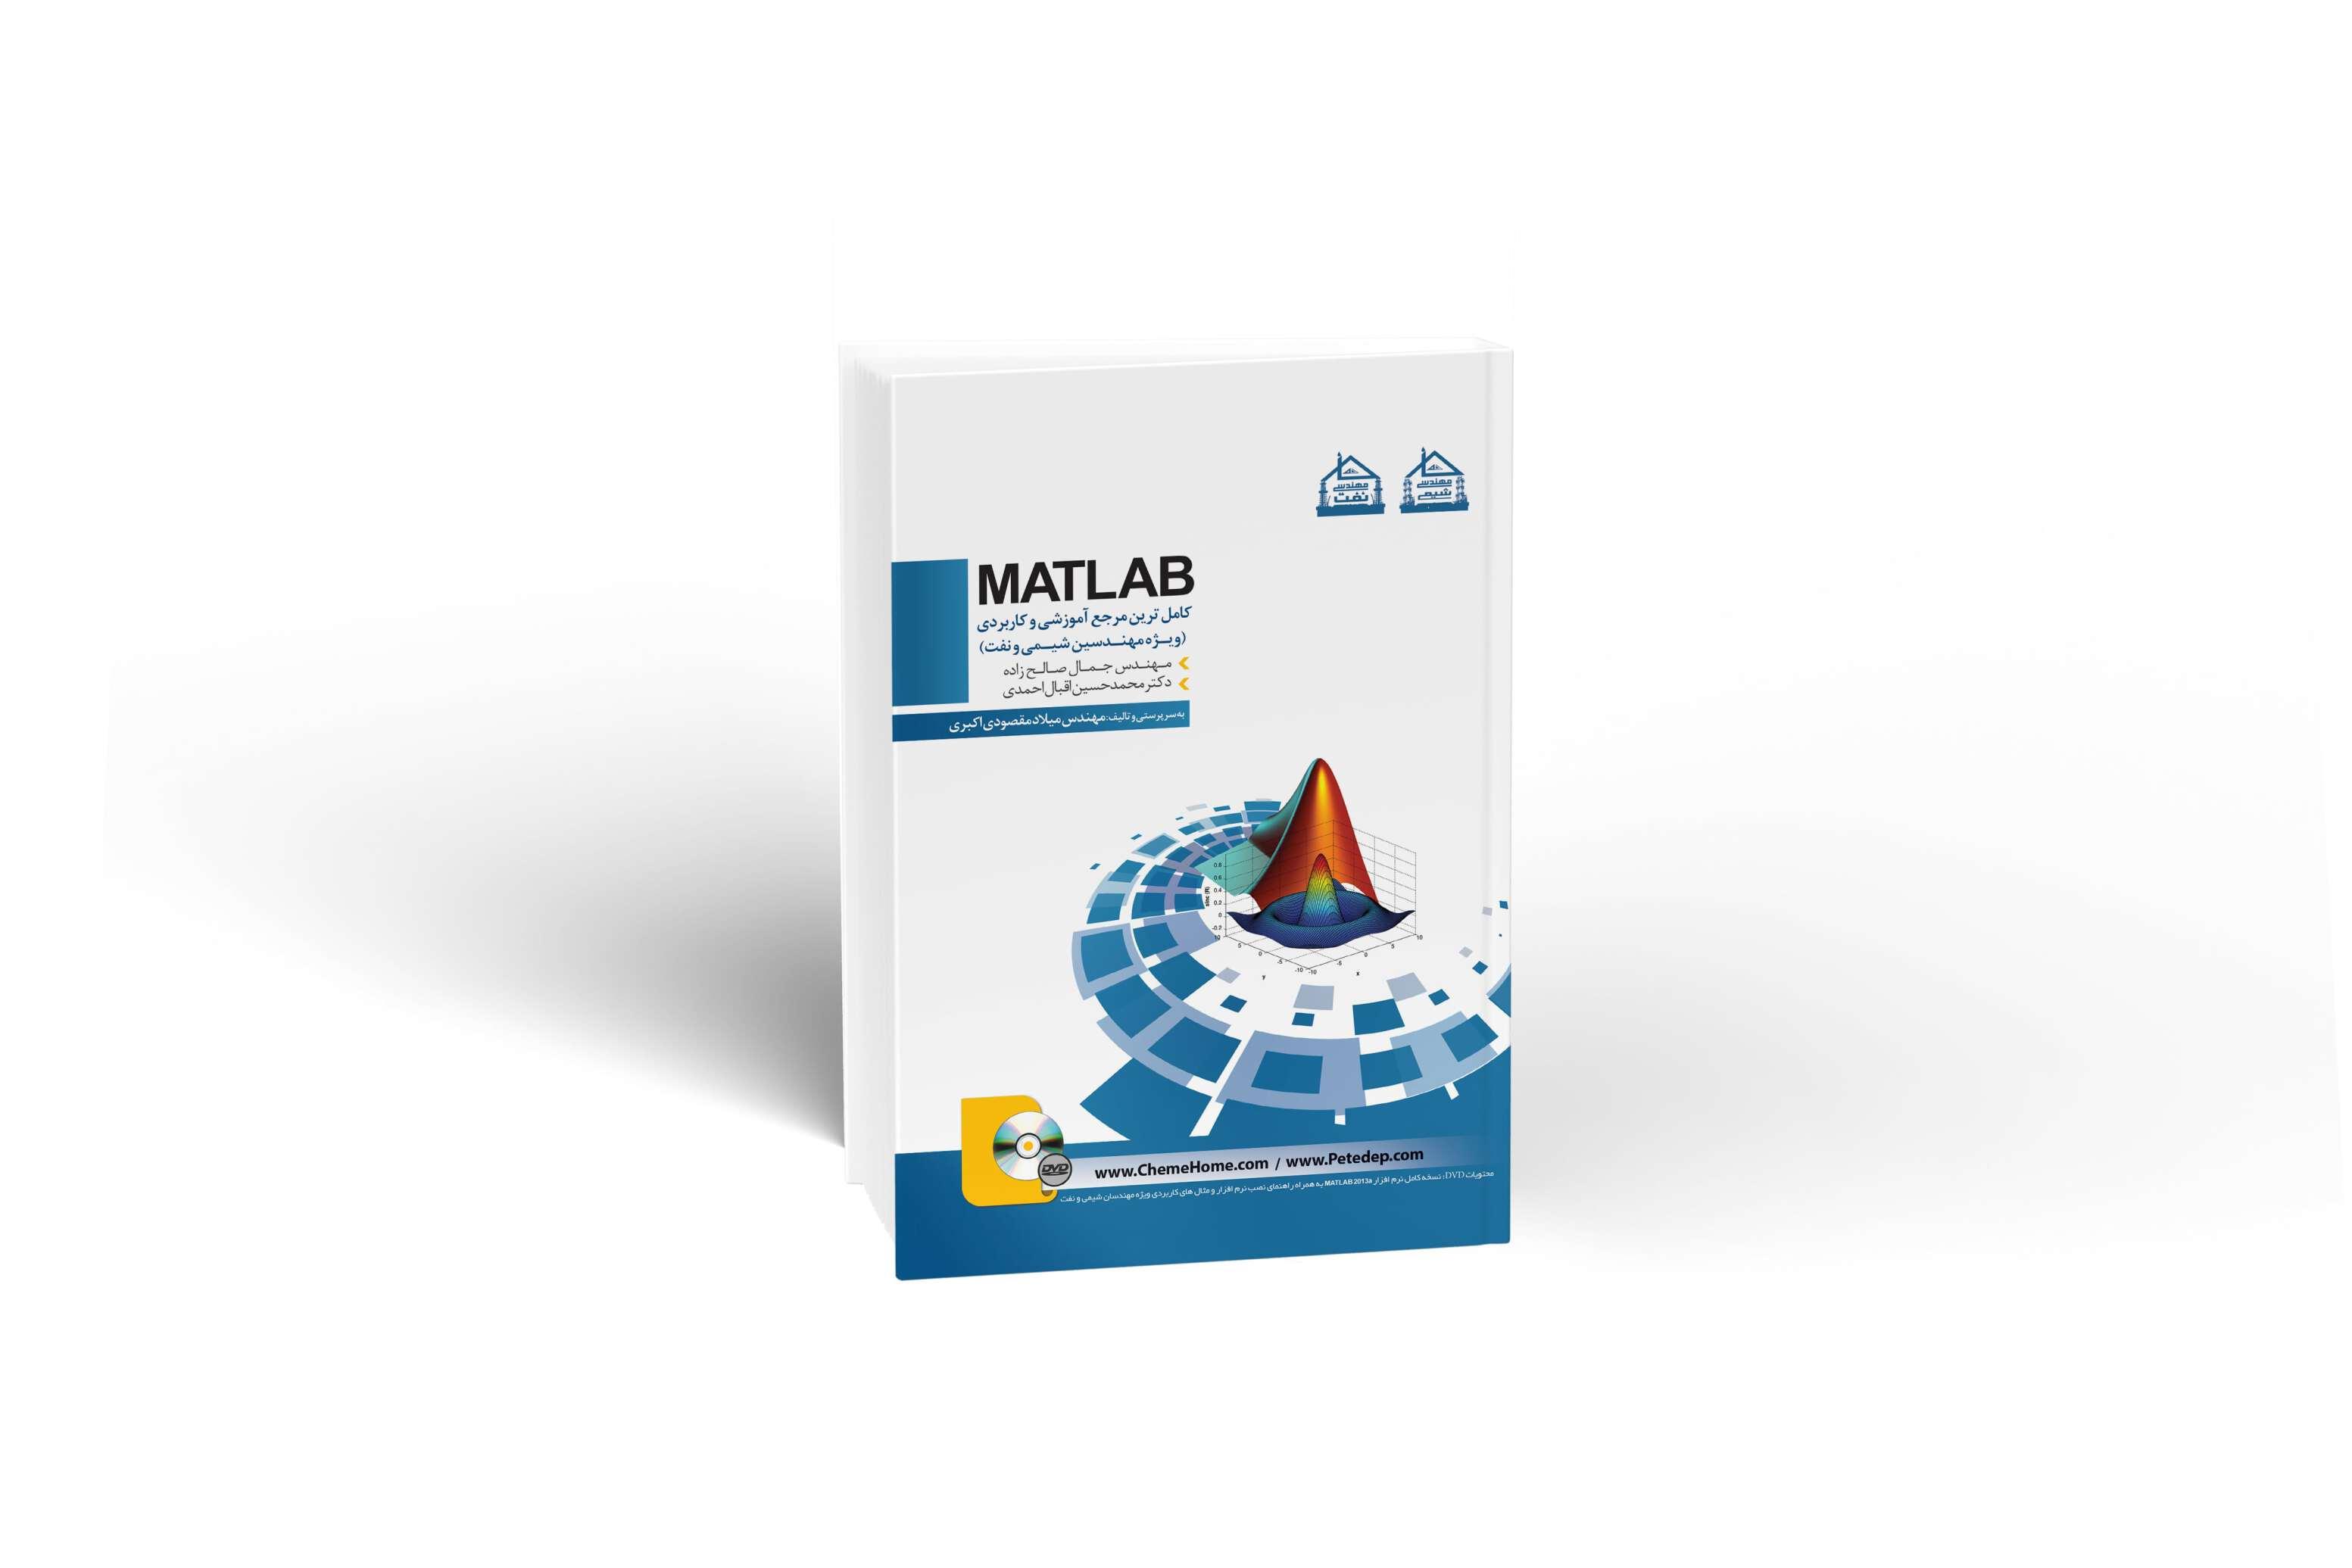 کتاب مرجع آموزشی نرم افزار MATLAB ویژه مهندسی نفت